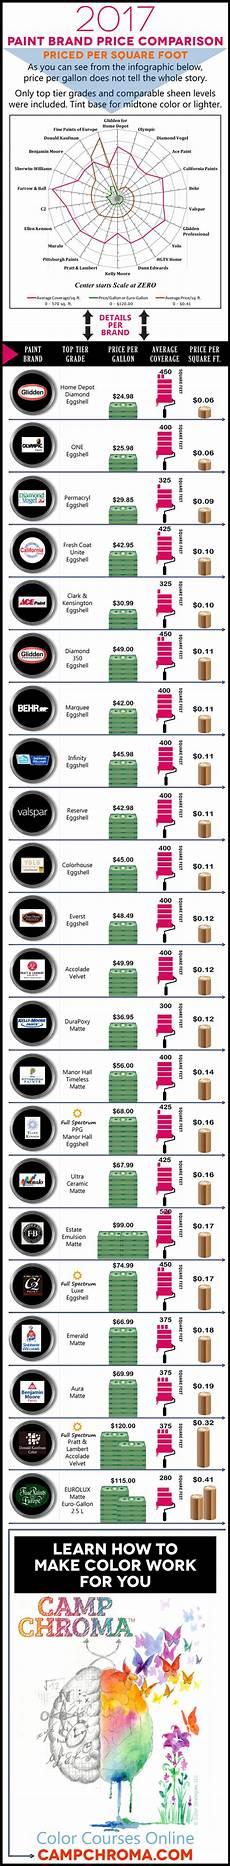 paint price comparison 2017 best paint brand paint prices paint brands